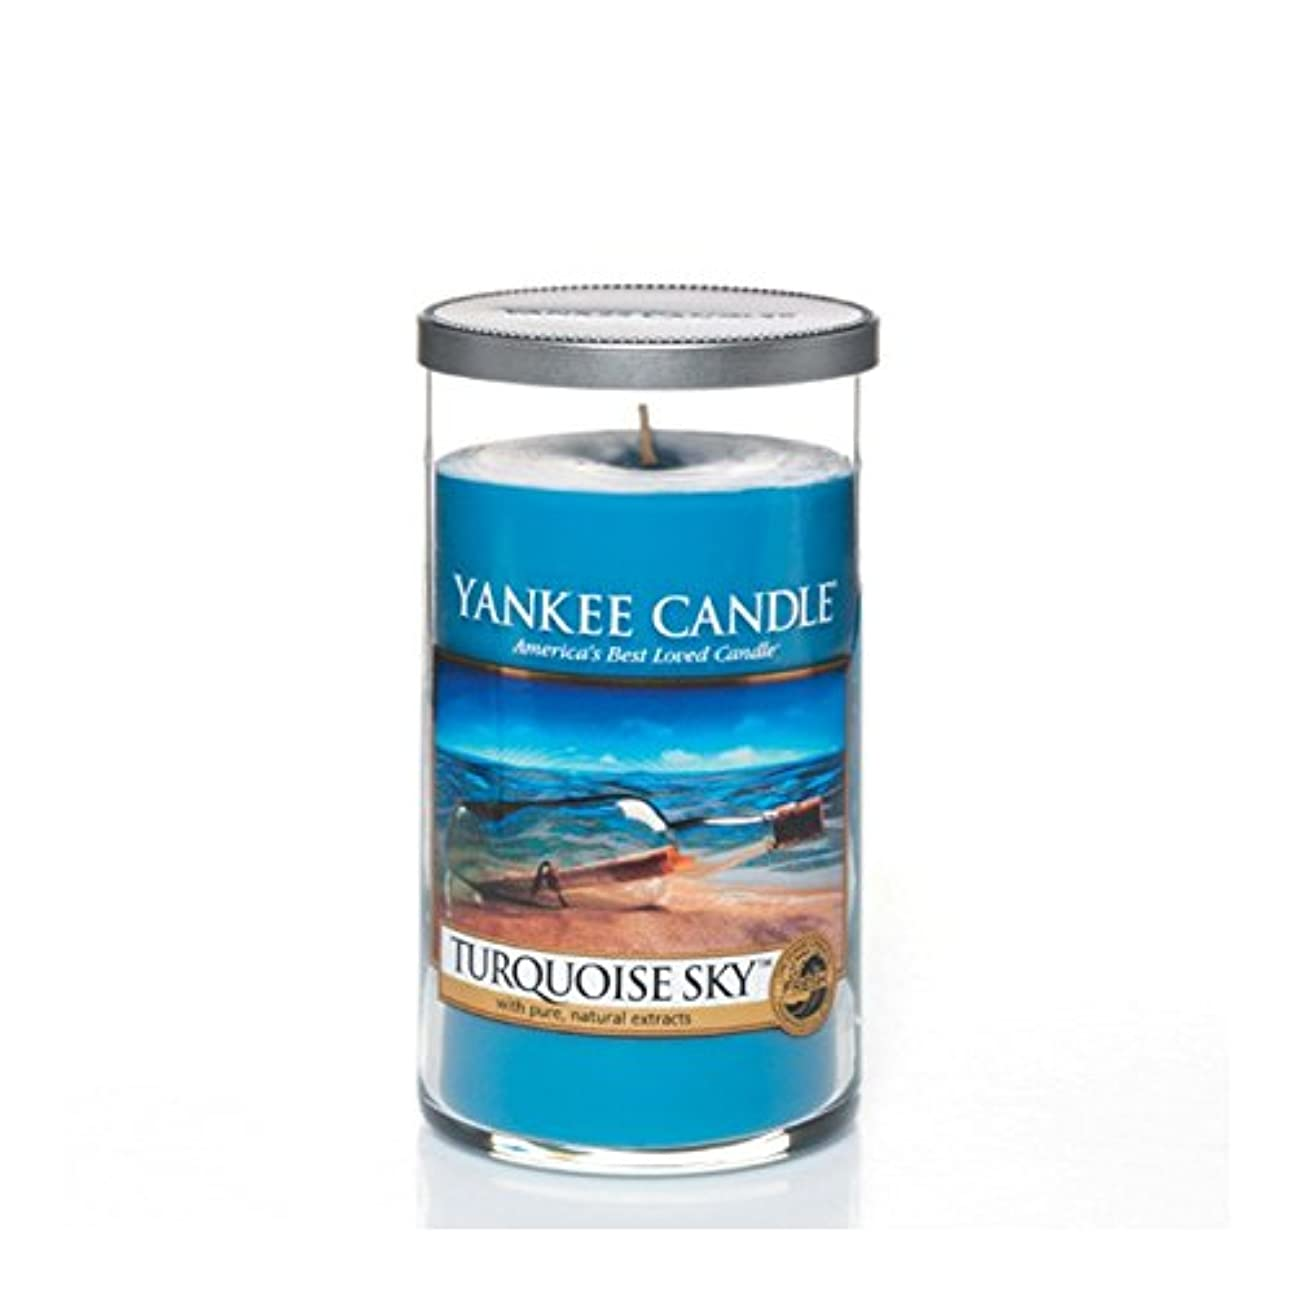 メジャー資金バイオレットYankee Candles Medium Pillar Candle - Turquoise Sky (Pack of 2) - ヤンキーキャンドルメディアピラーキャンドル - ターコイズの空 (x2) [並行輸入品]